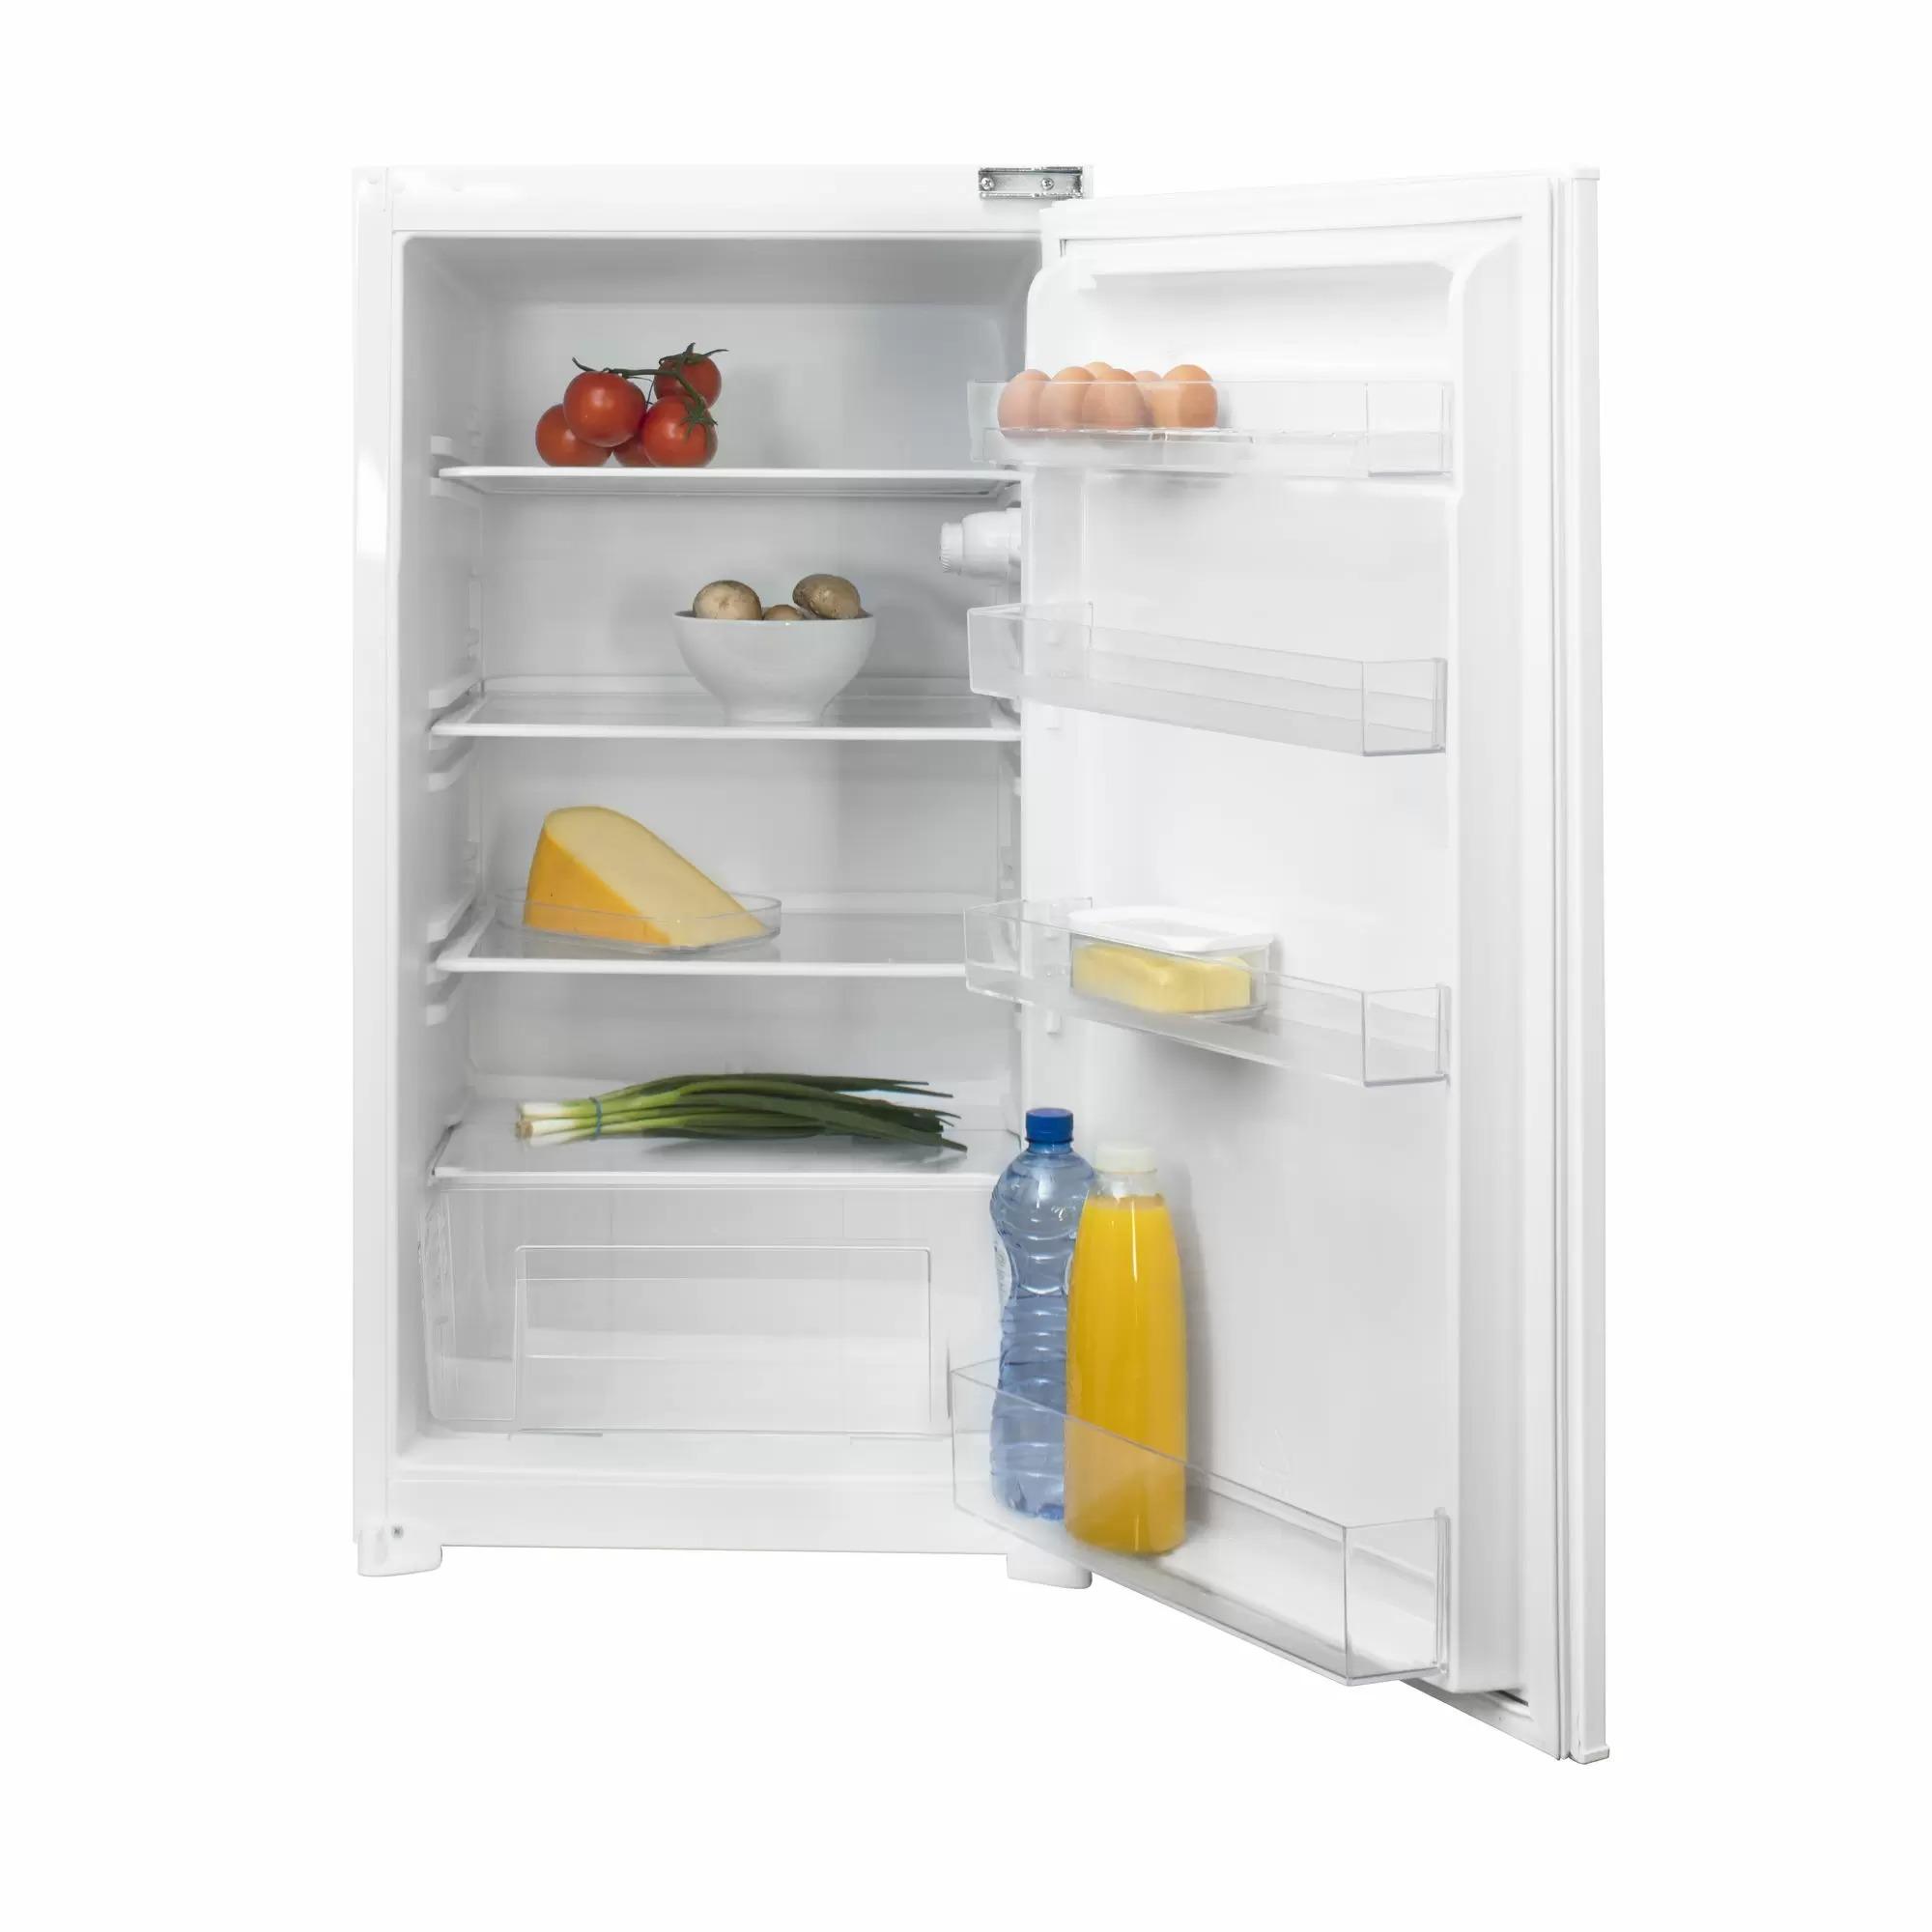 Inventum IKK1021S Inbouw koelkast Wit